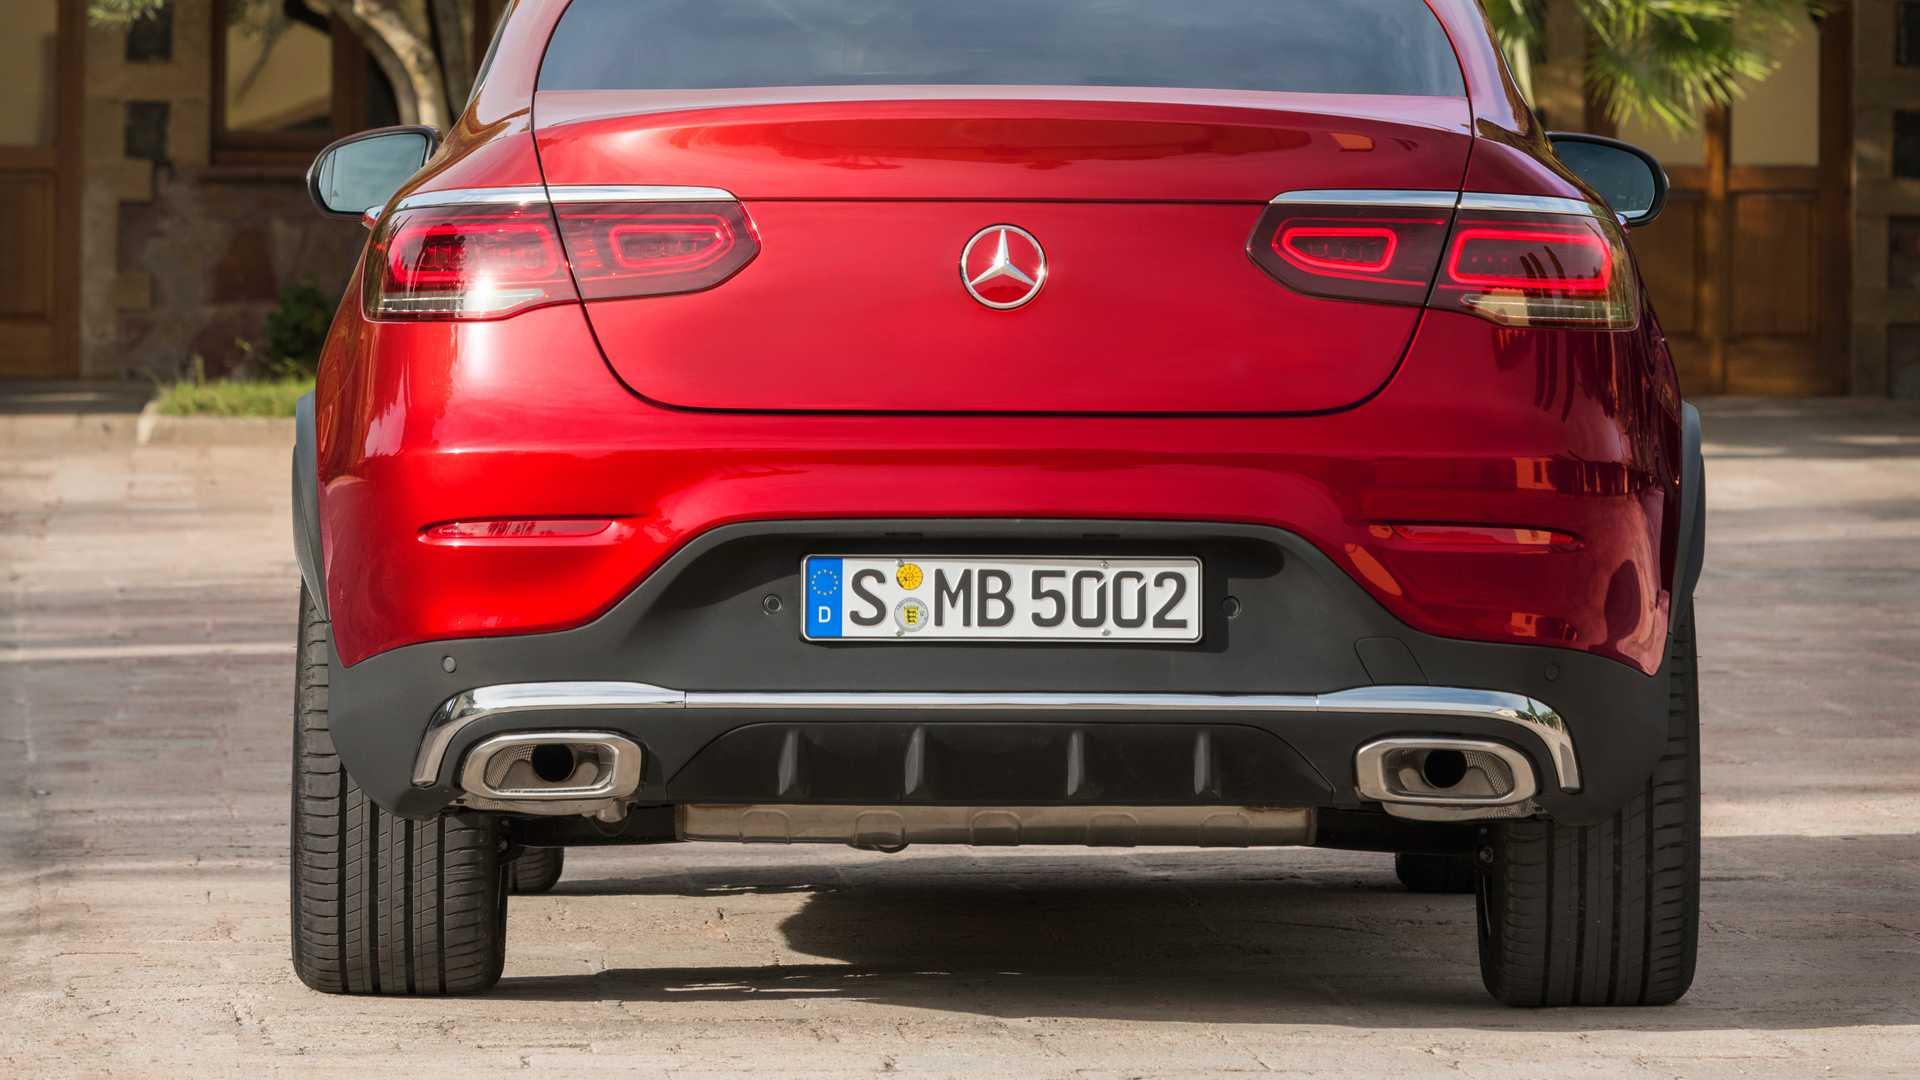 Mercedes Glc Coupe 2019 Rojo 015